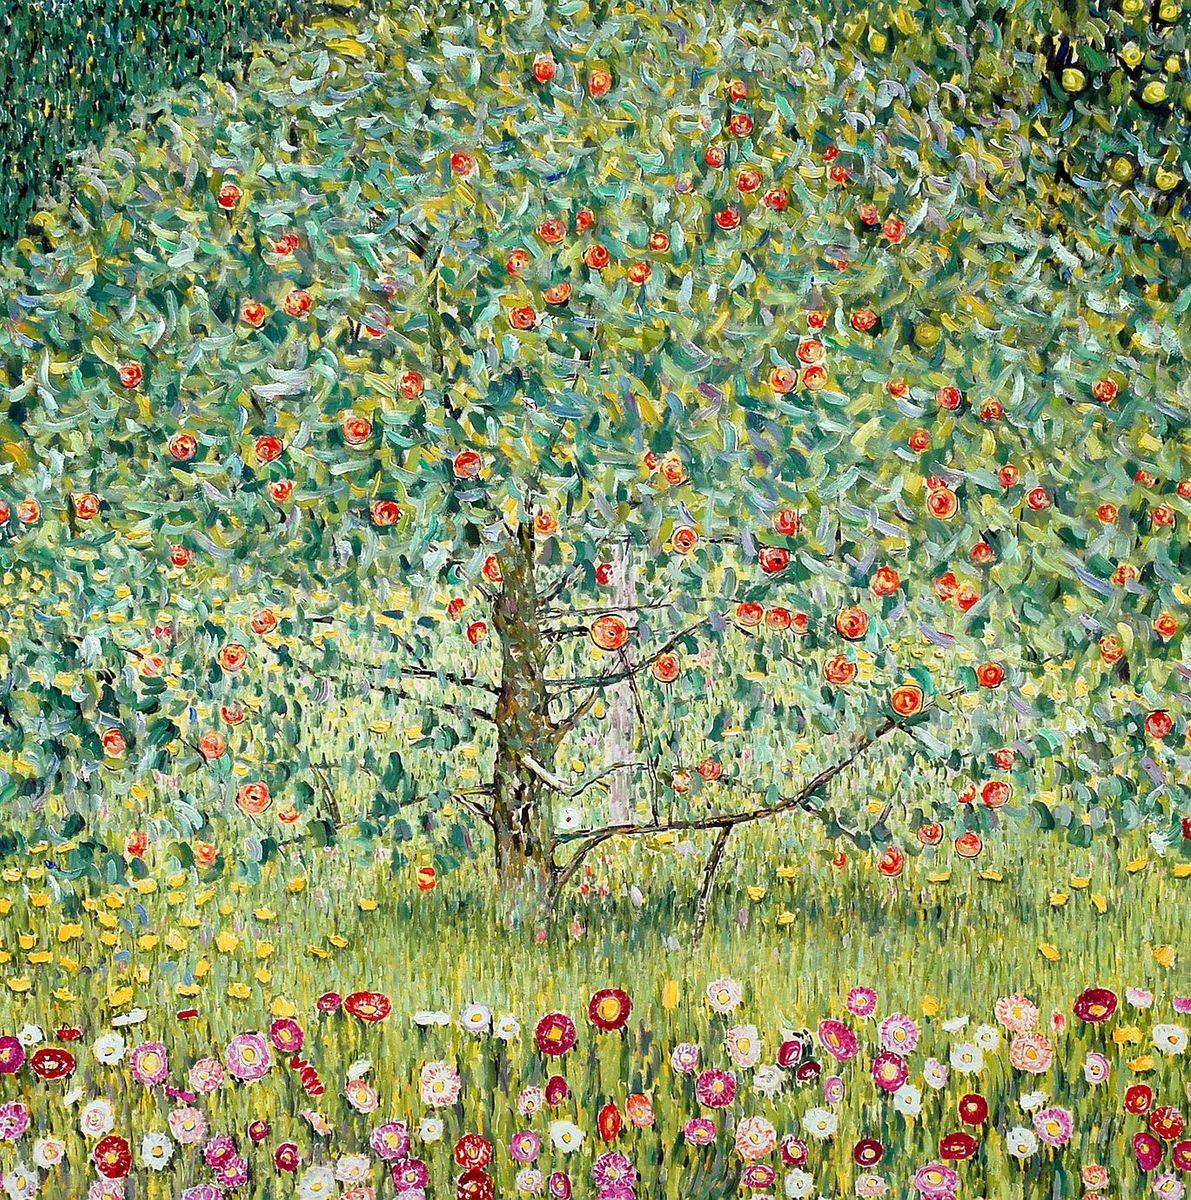 Gustav Klimt - Der Apfelbaum m96955 120x120cm bemerkenswertes Ölgemälde handgemalt Museumsqualität